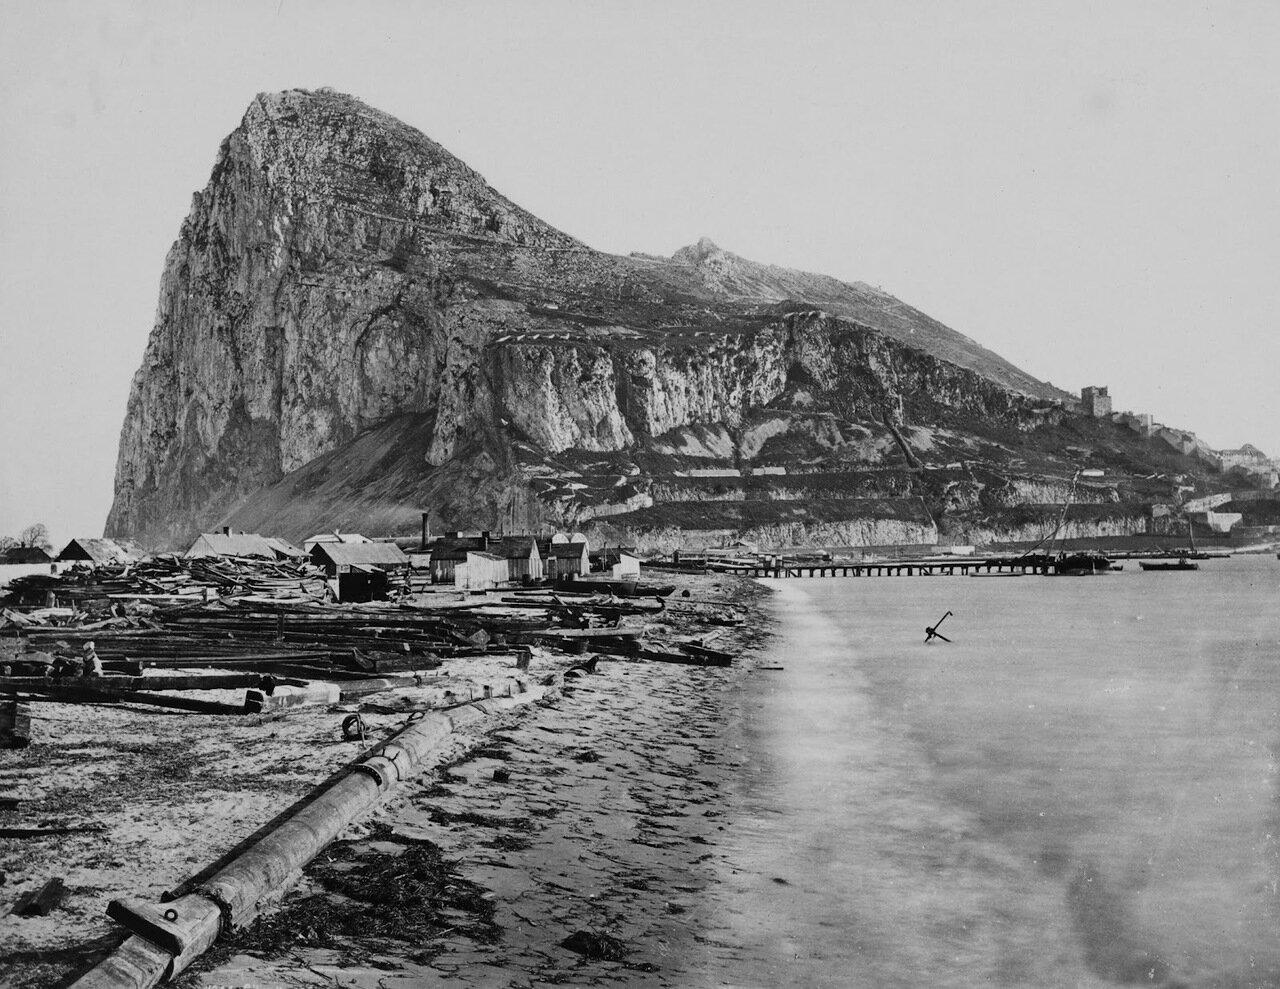 1850. Скала у западного берега, нейтральная территория